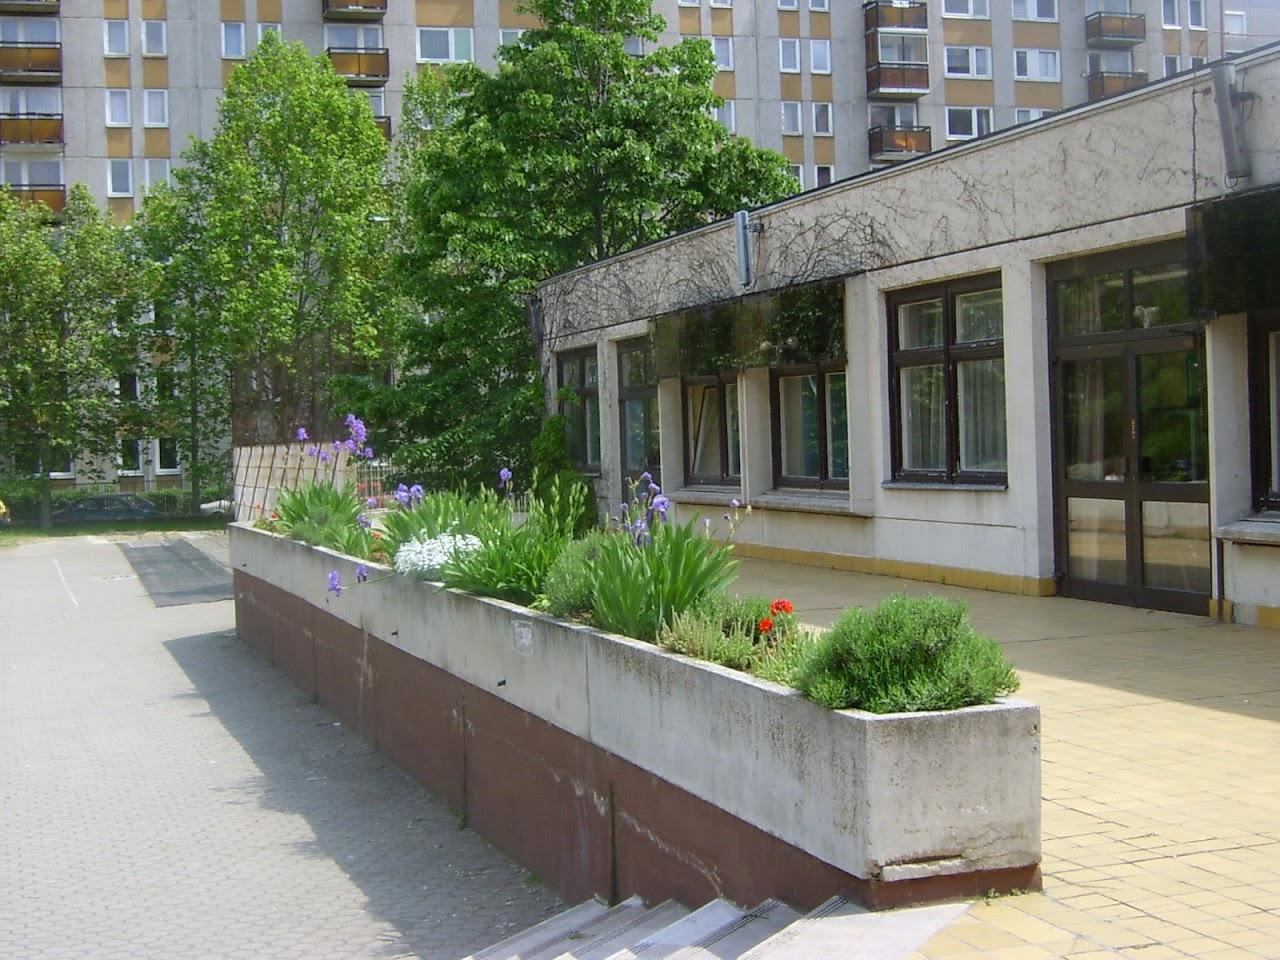 Képek az iskoláról - image017.jpg